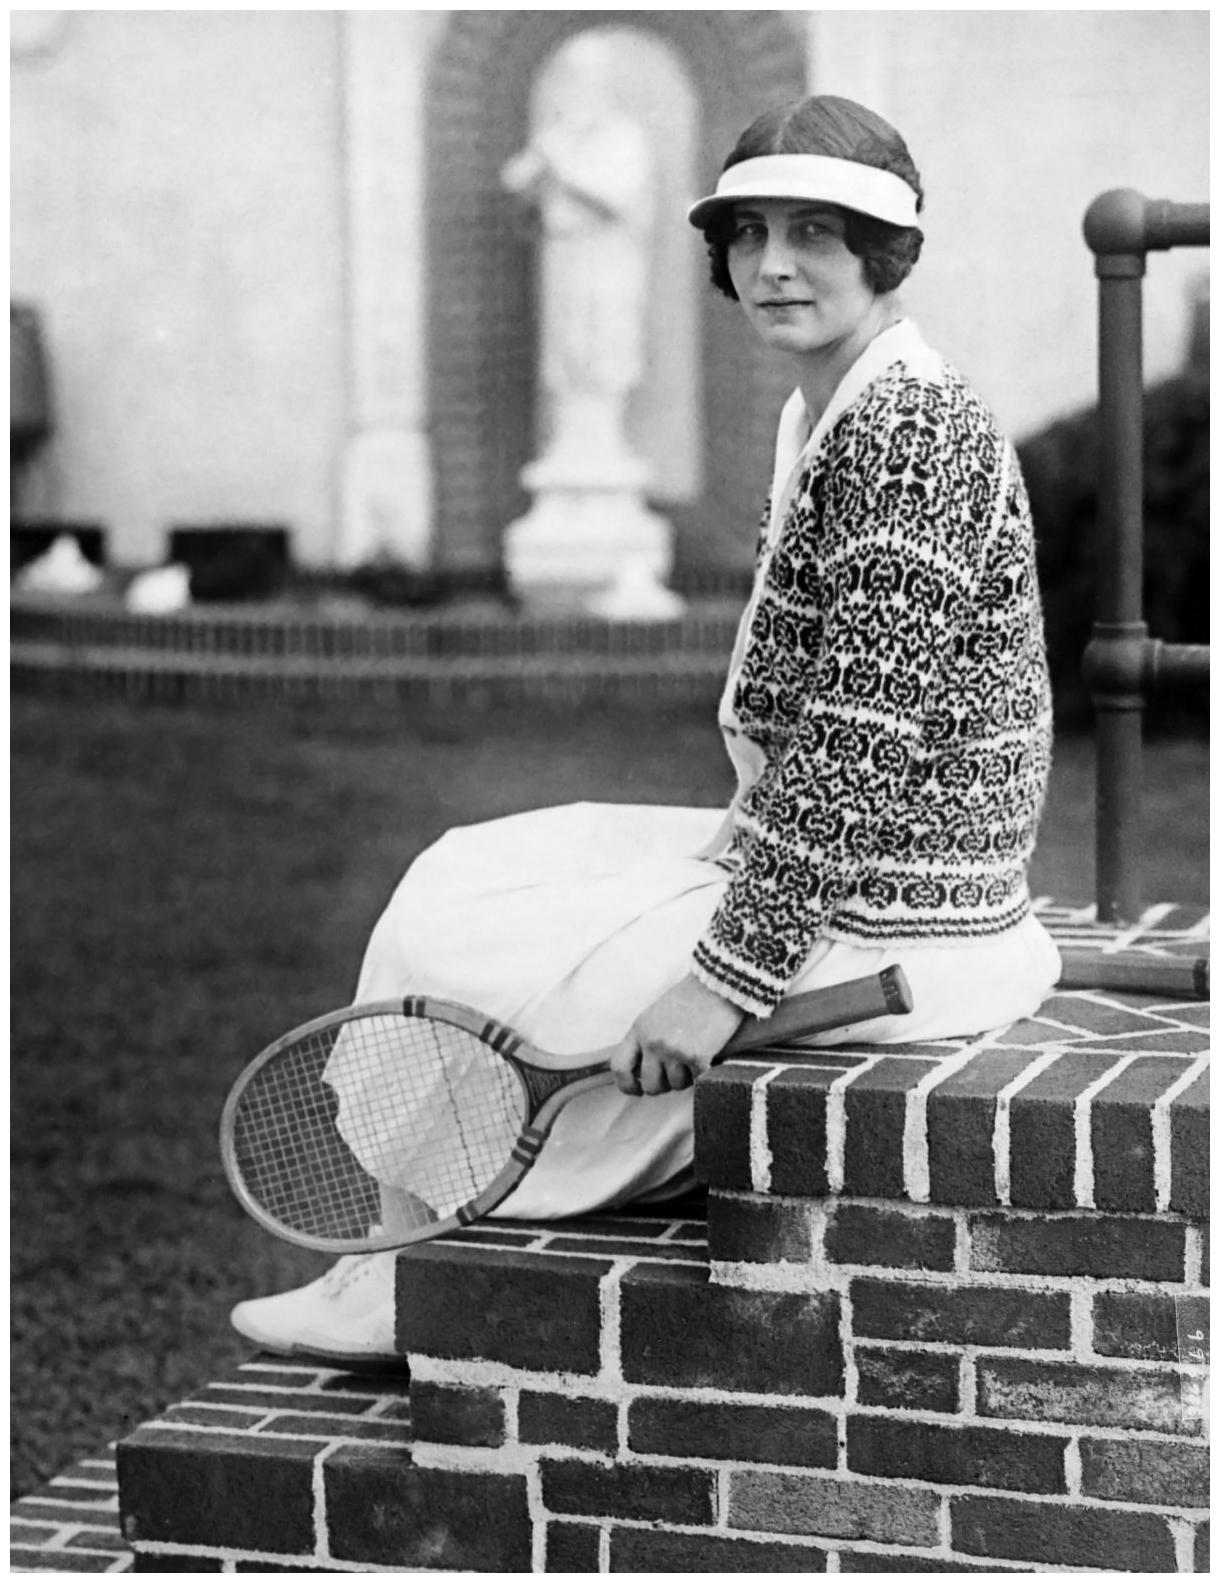 Helen Wills 1925